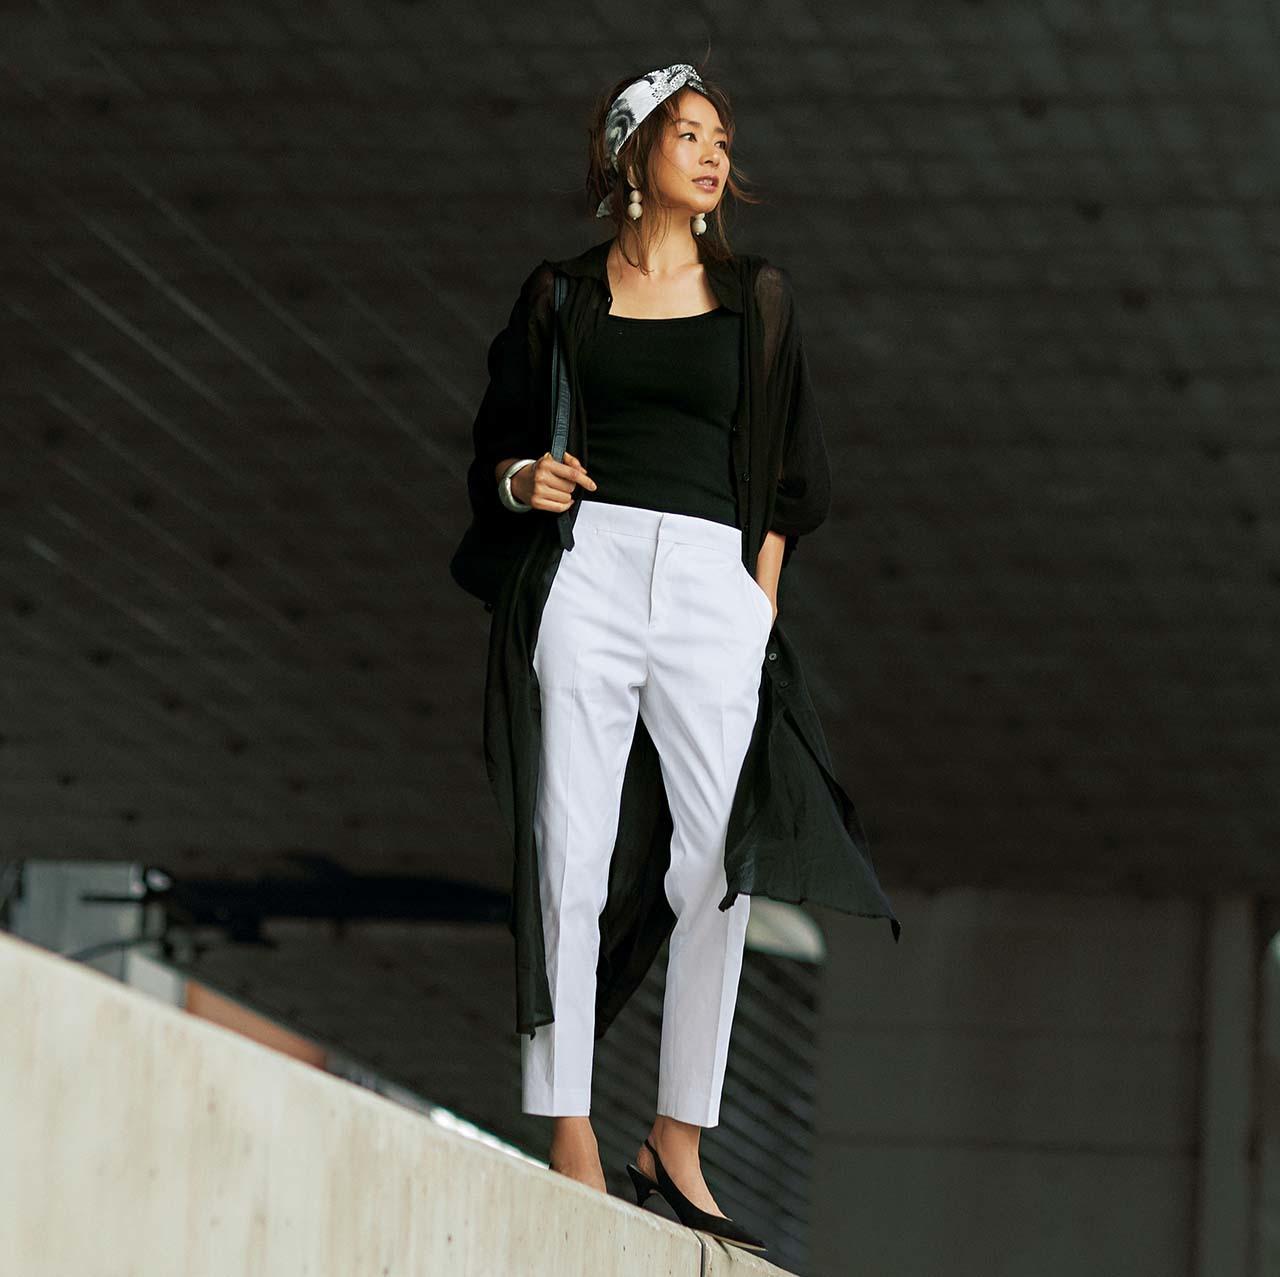 シャツワンピース×白パンツコーデを着たモデルのSHIHOさん